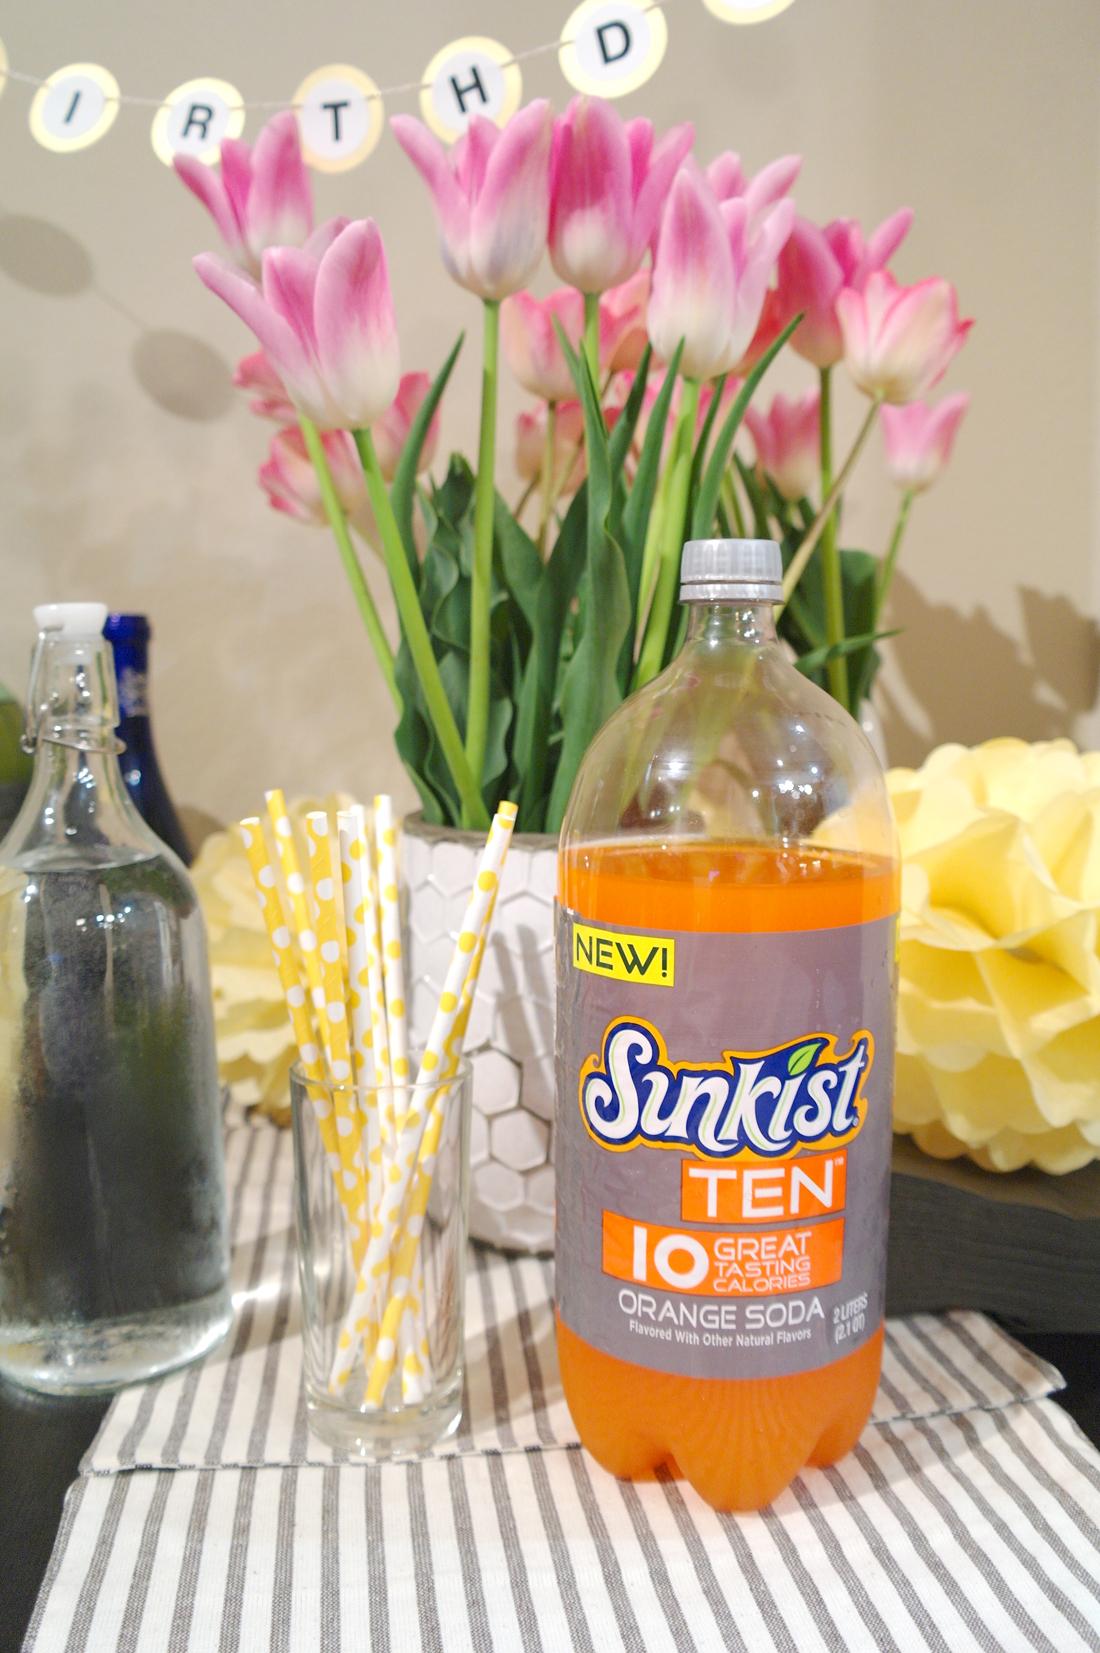 Sunkist-Ten-Calorie